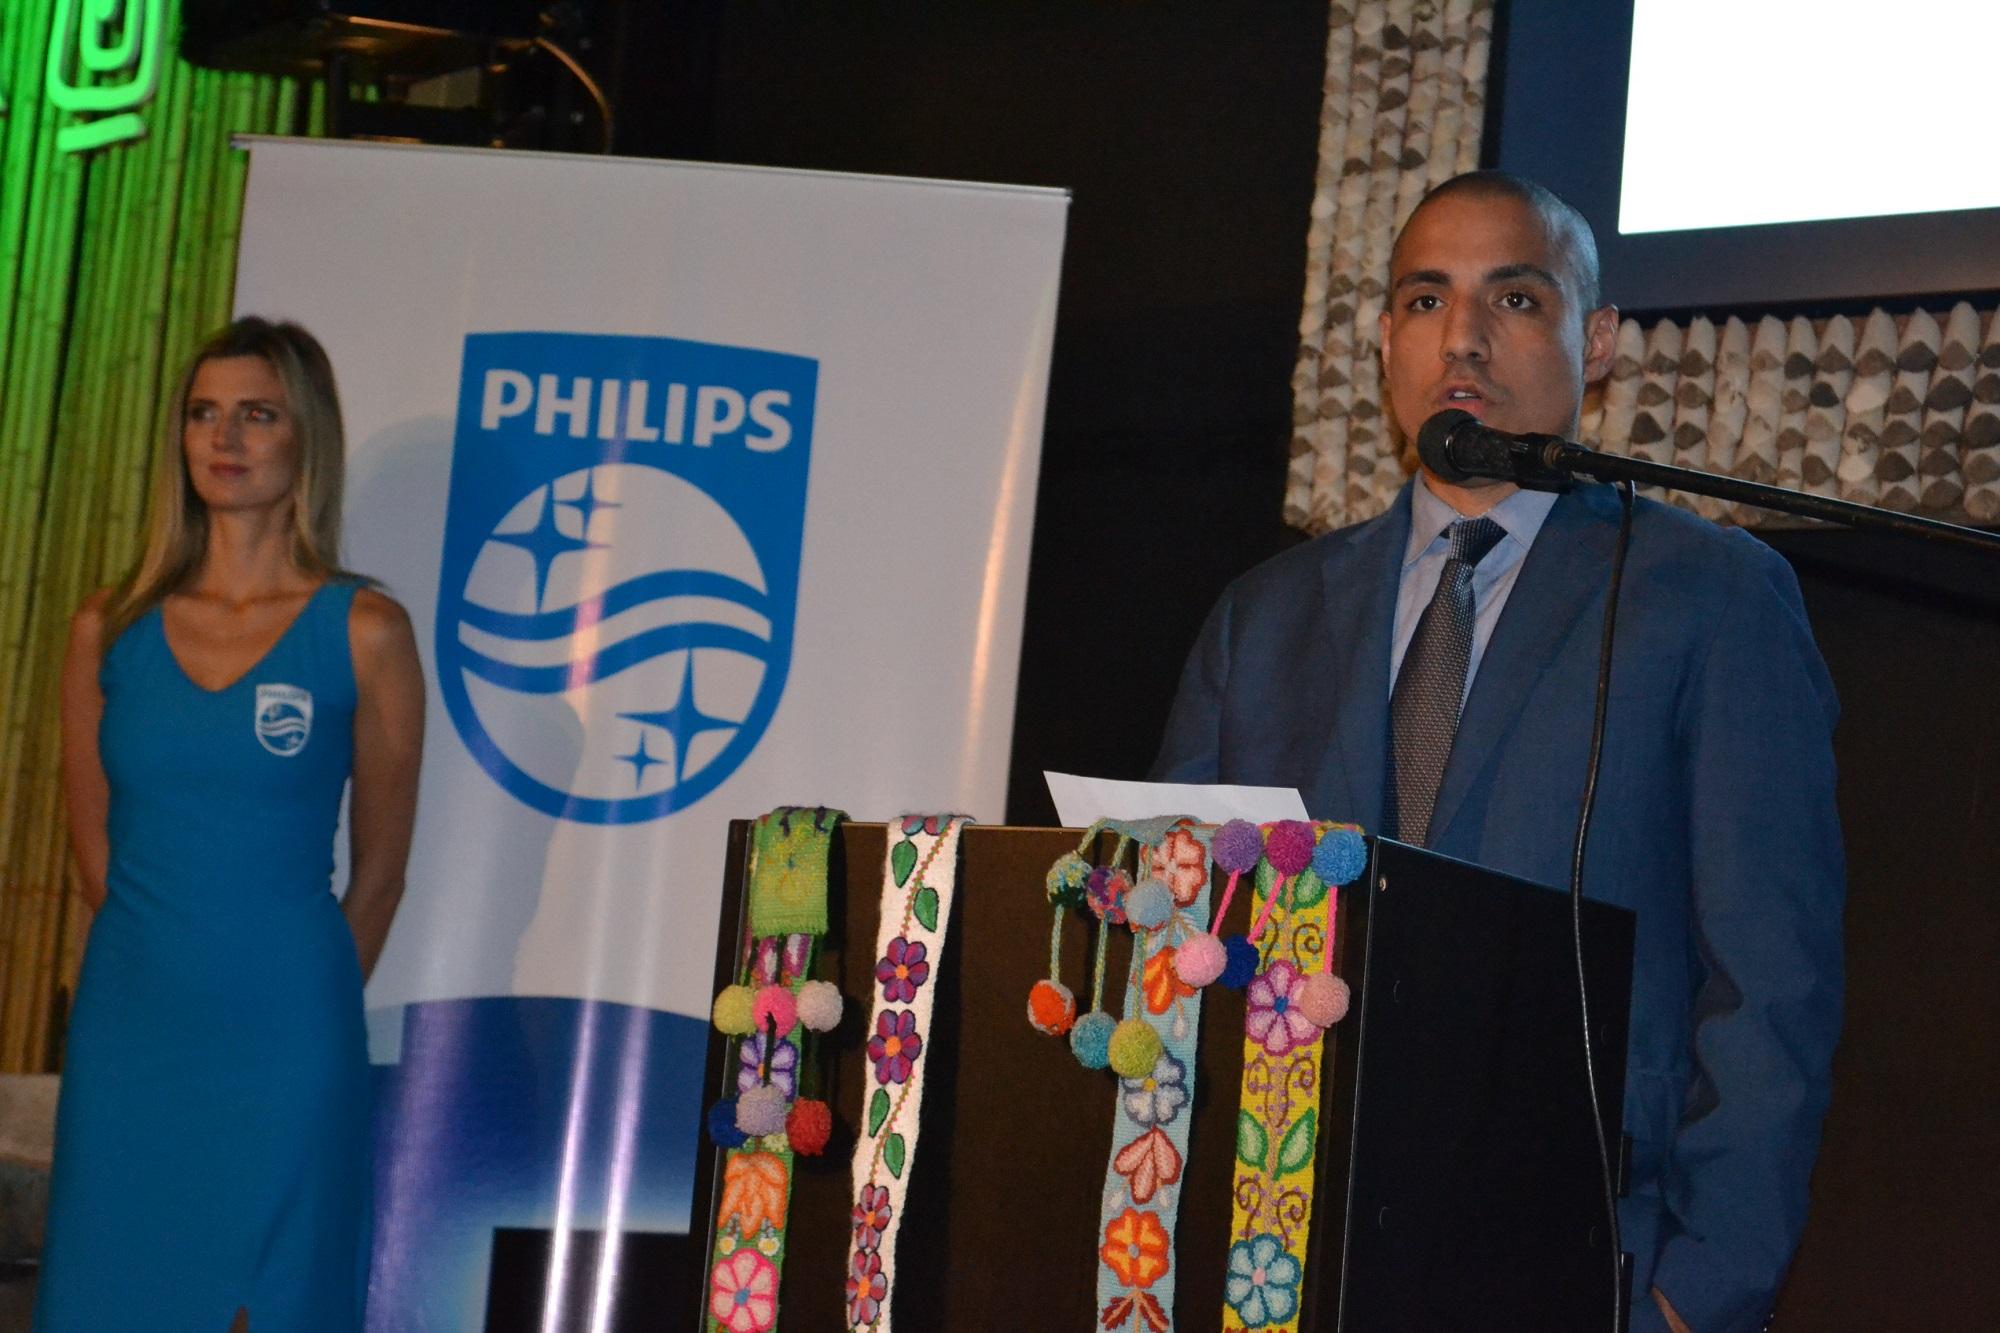 Philips Línea Marron - Philips proyecta convertirse en la cuarta marca de línea marrón en Perú